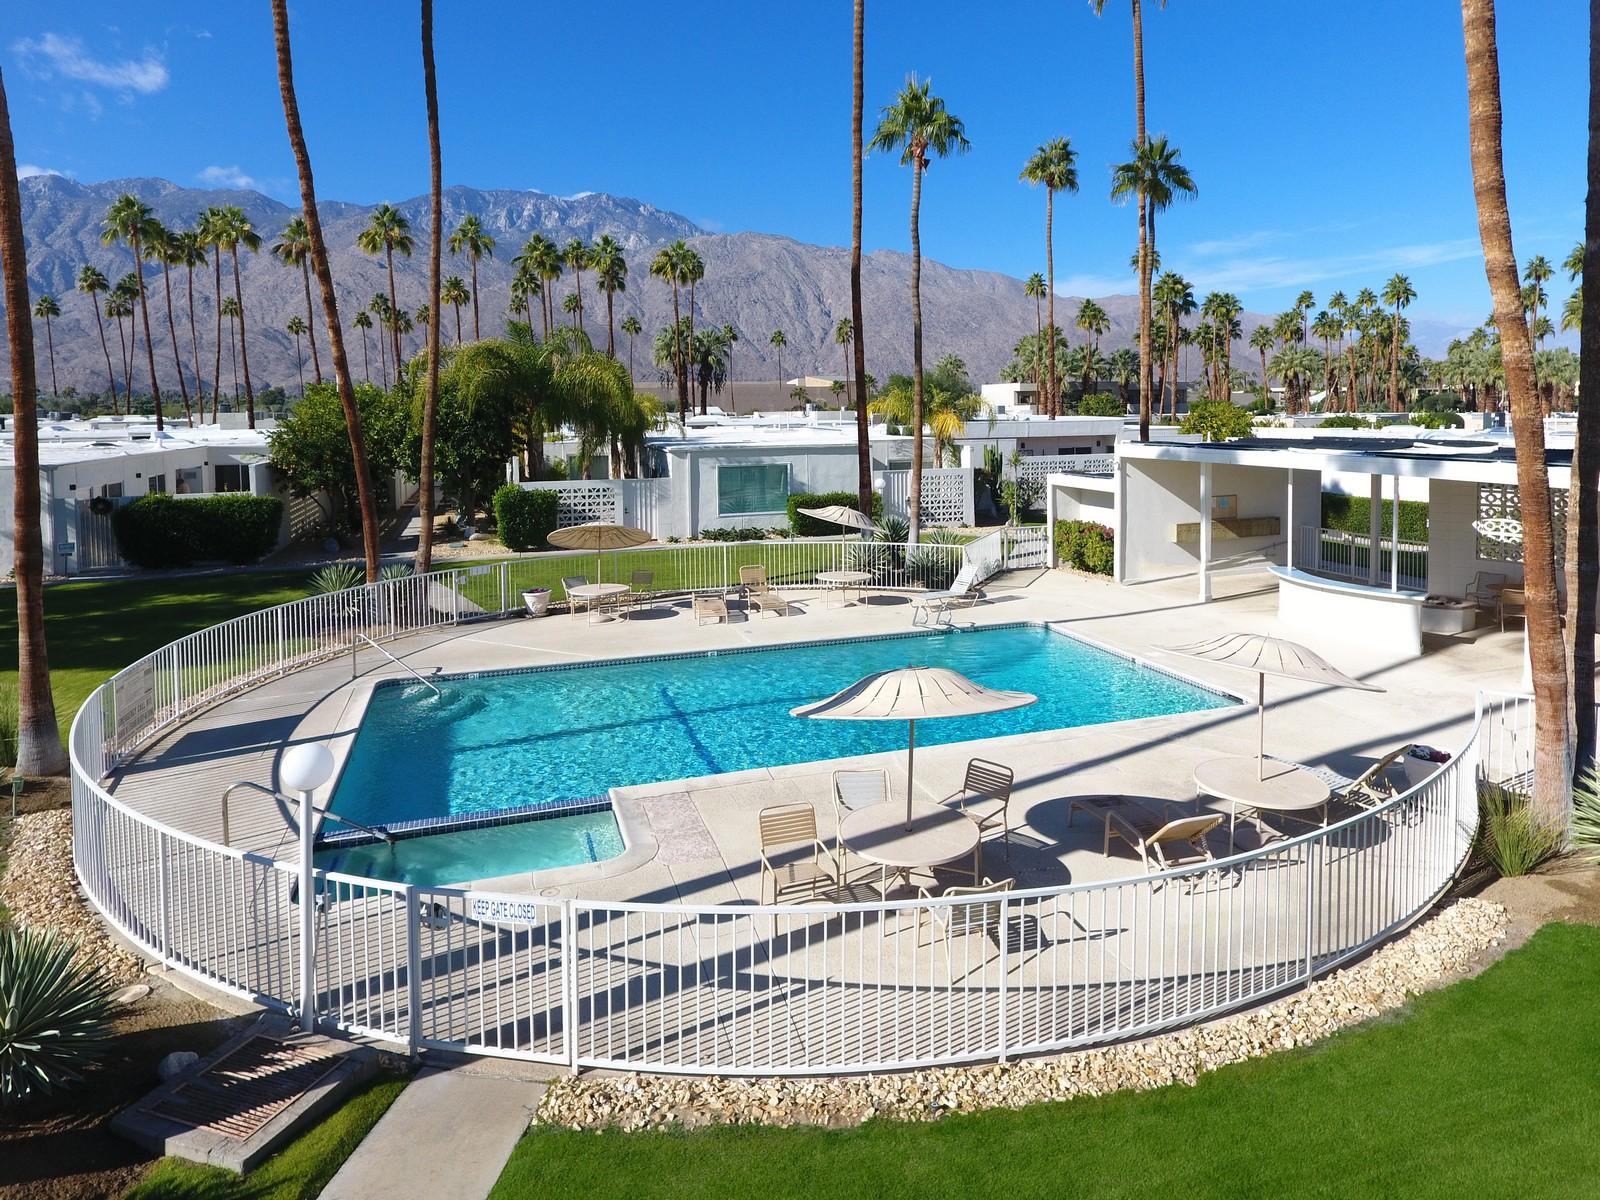 獨棟家庭住宅 為 出售 在 1804 Sandcliff Road Palm Springs, 加利福尼亞州, 92264 美國